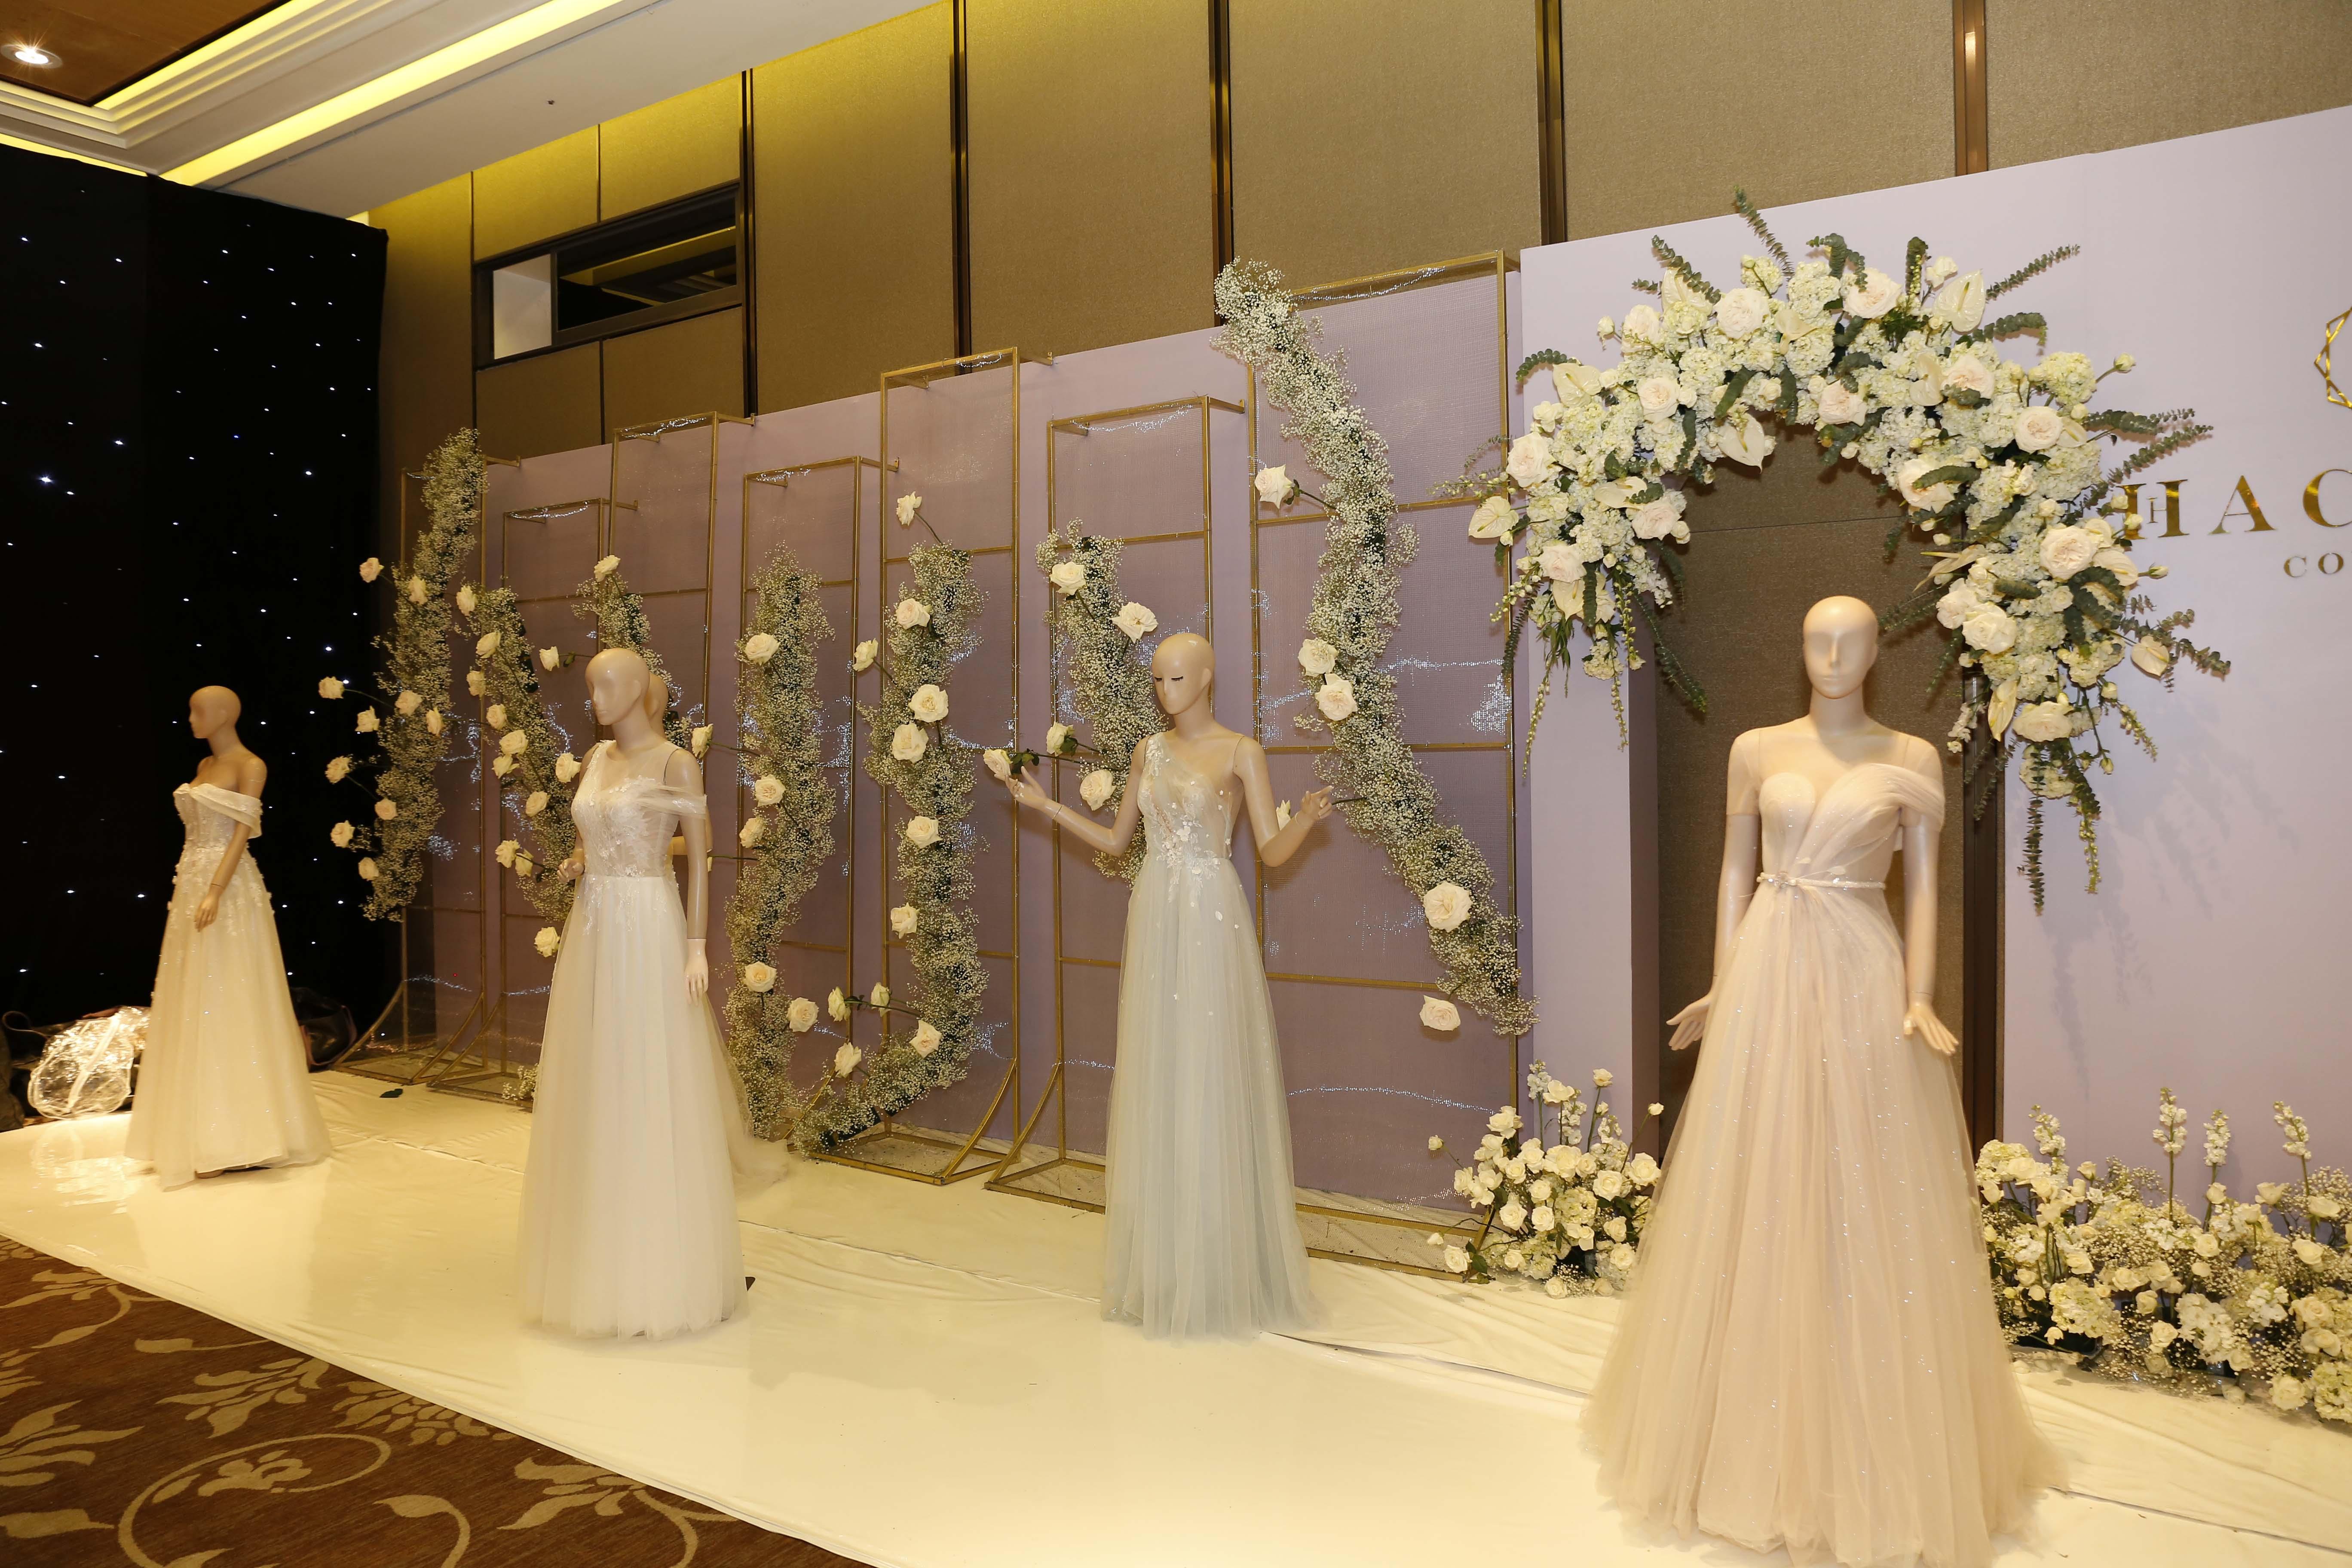 bộ sưu tập váy cưới hacchic couture 3